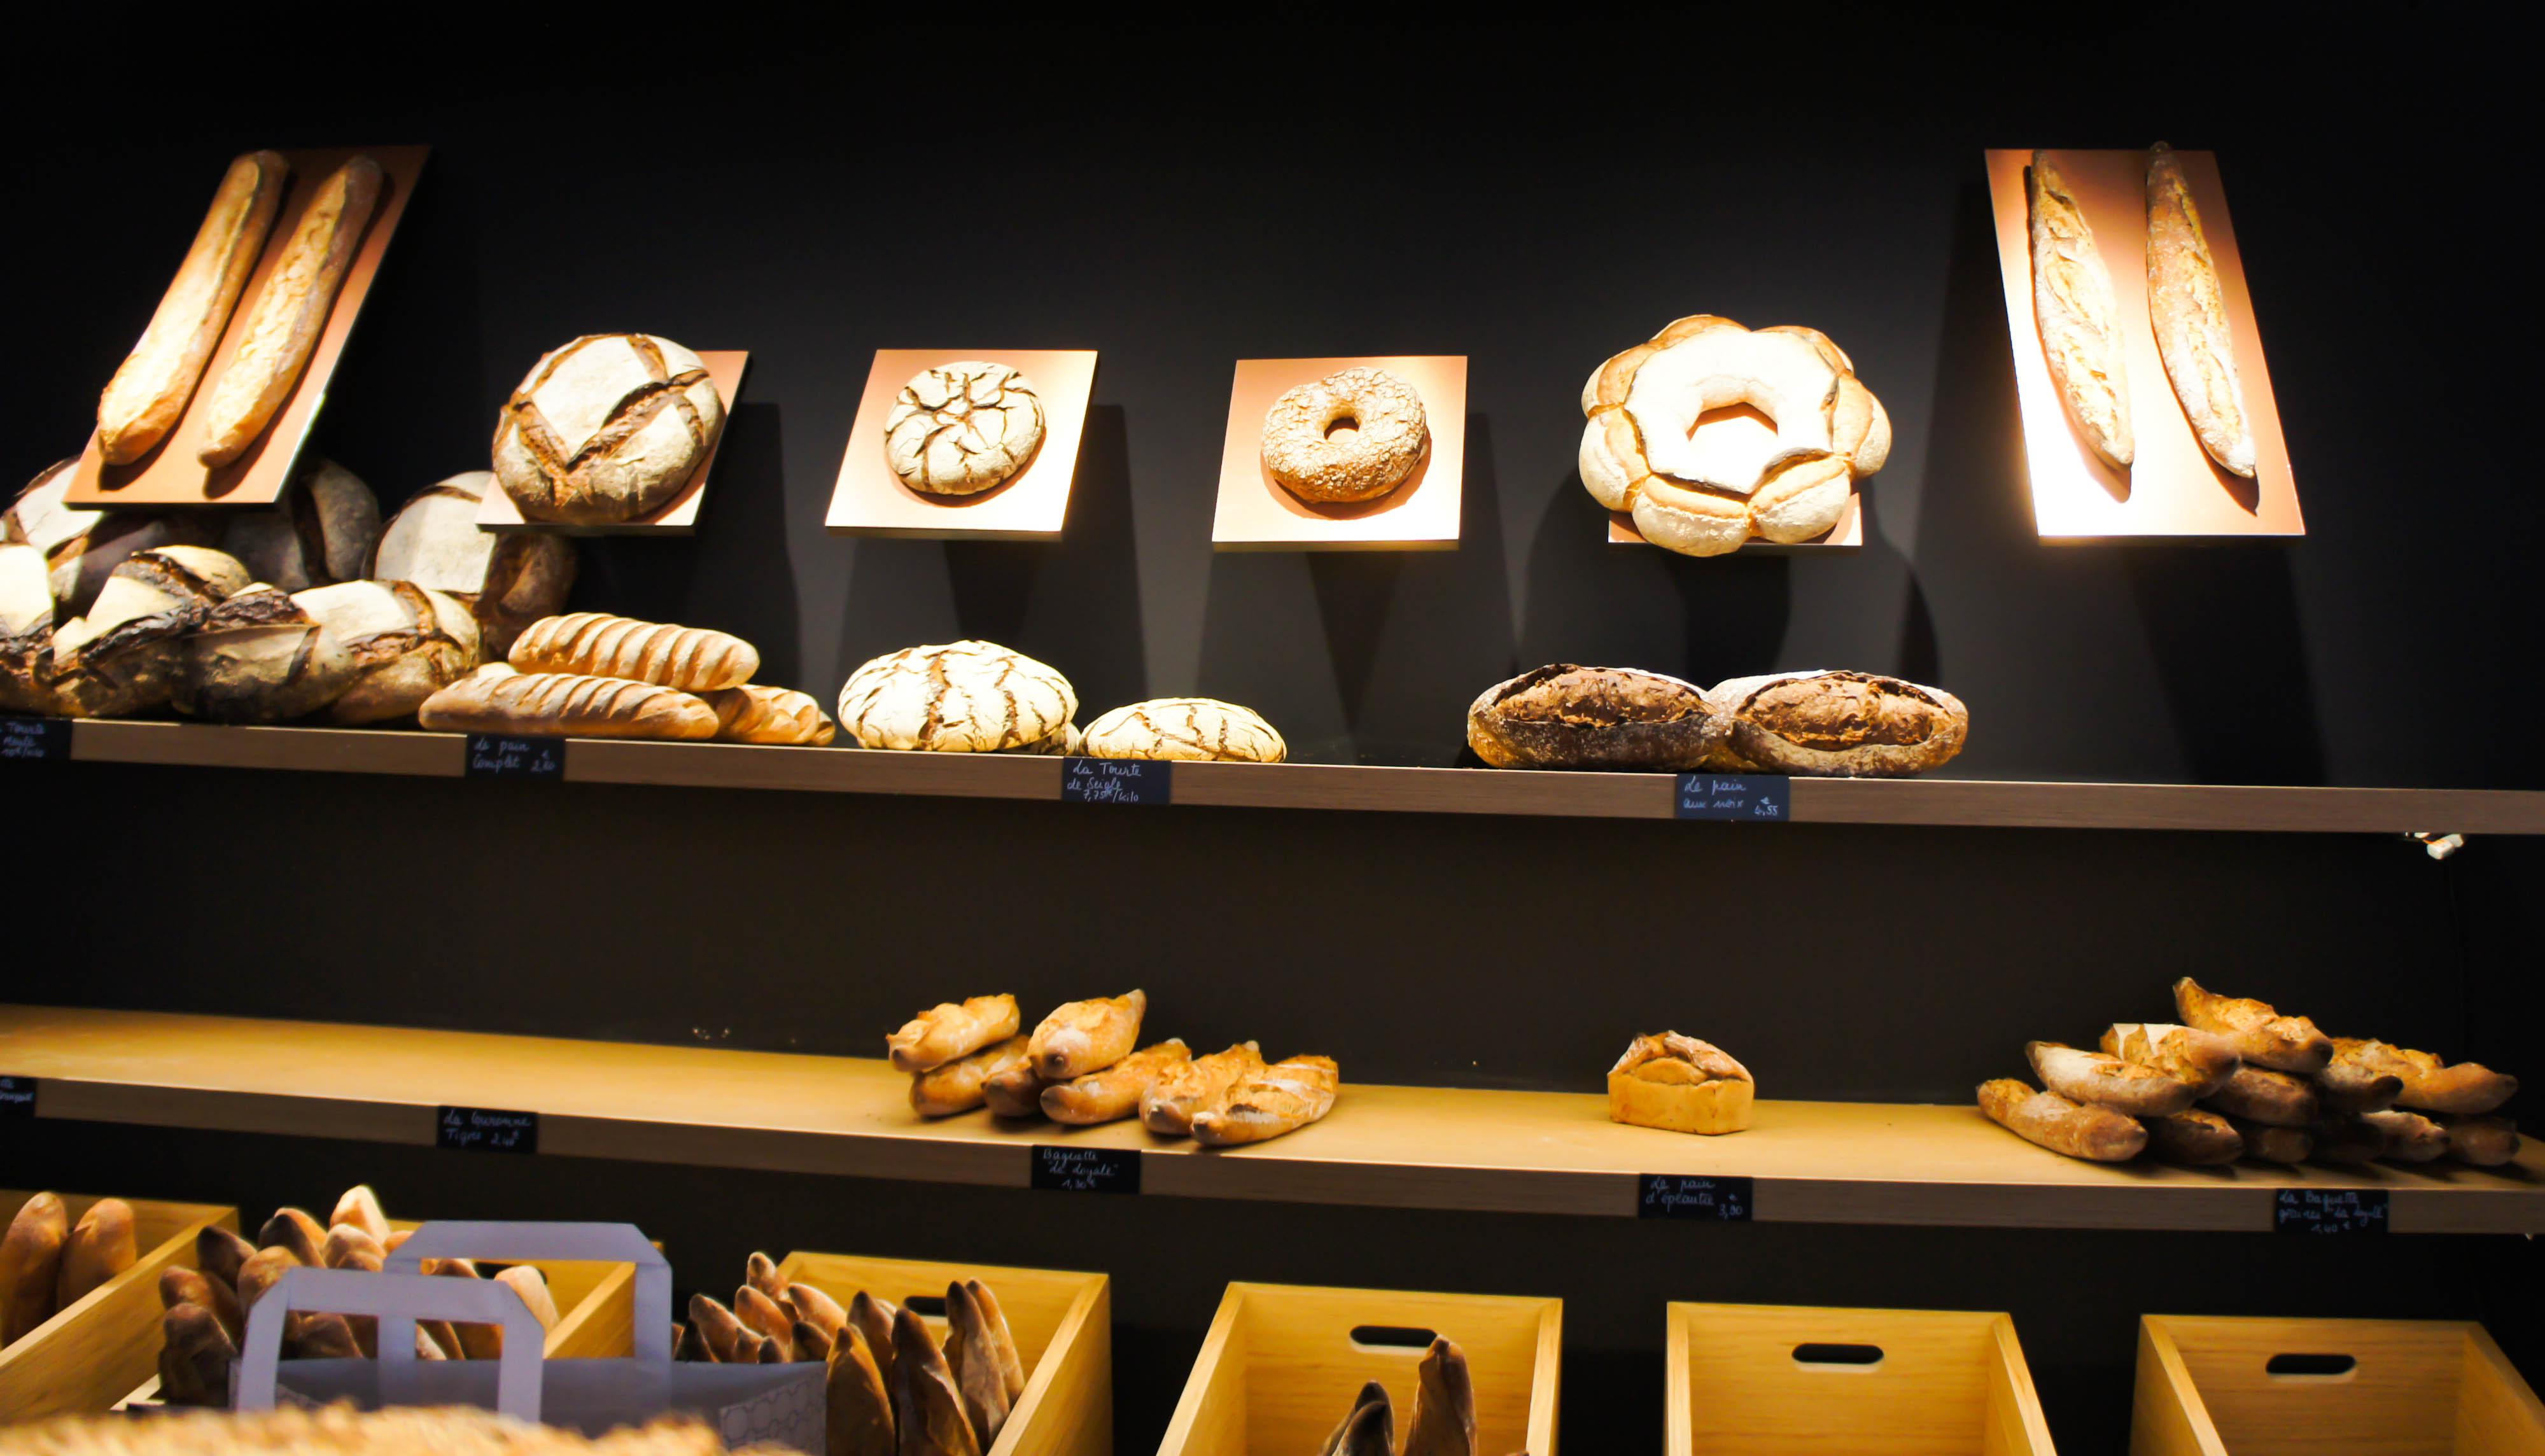 d99ed5017ad971 Le mur à pains revêt une dimension très théâtrale... Un peu trop